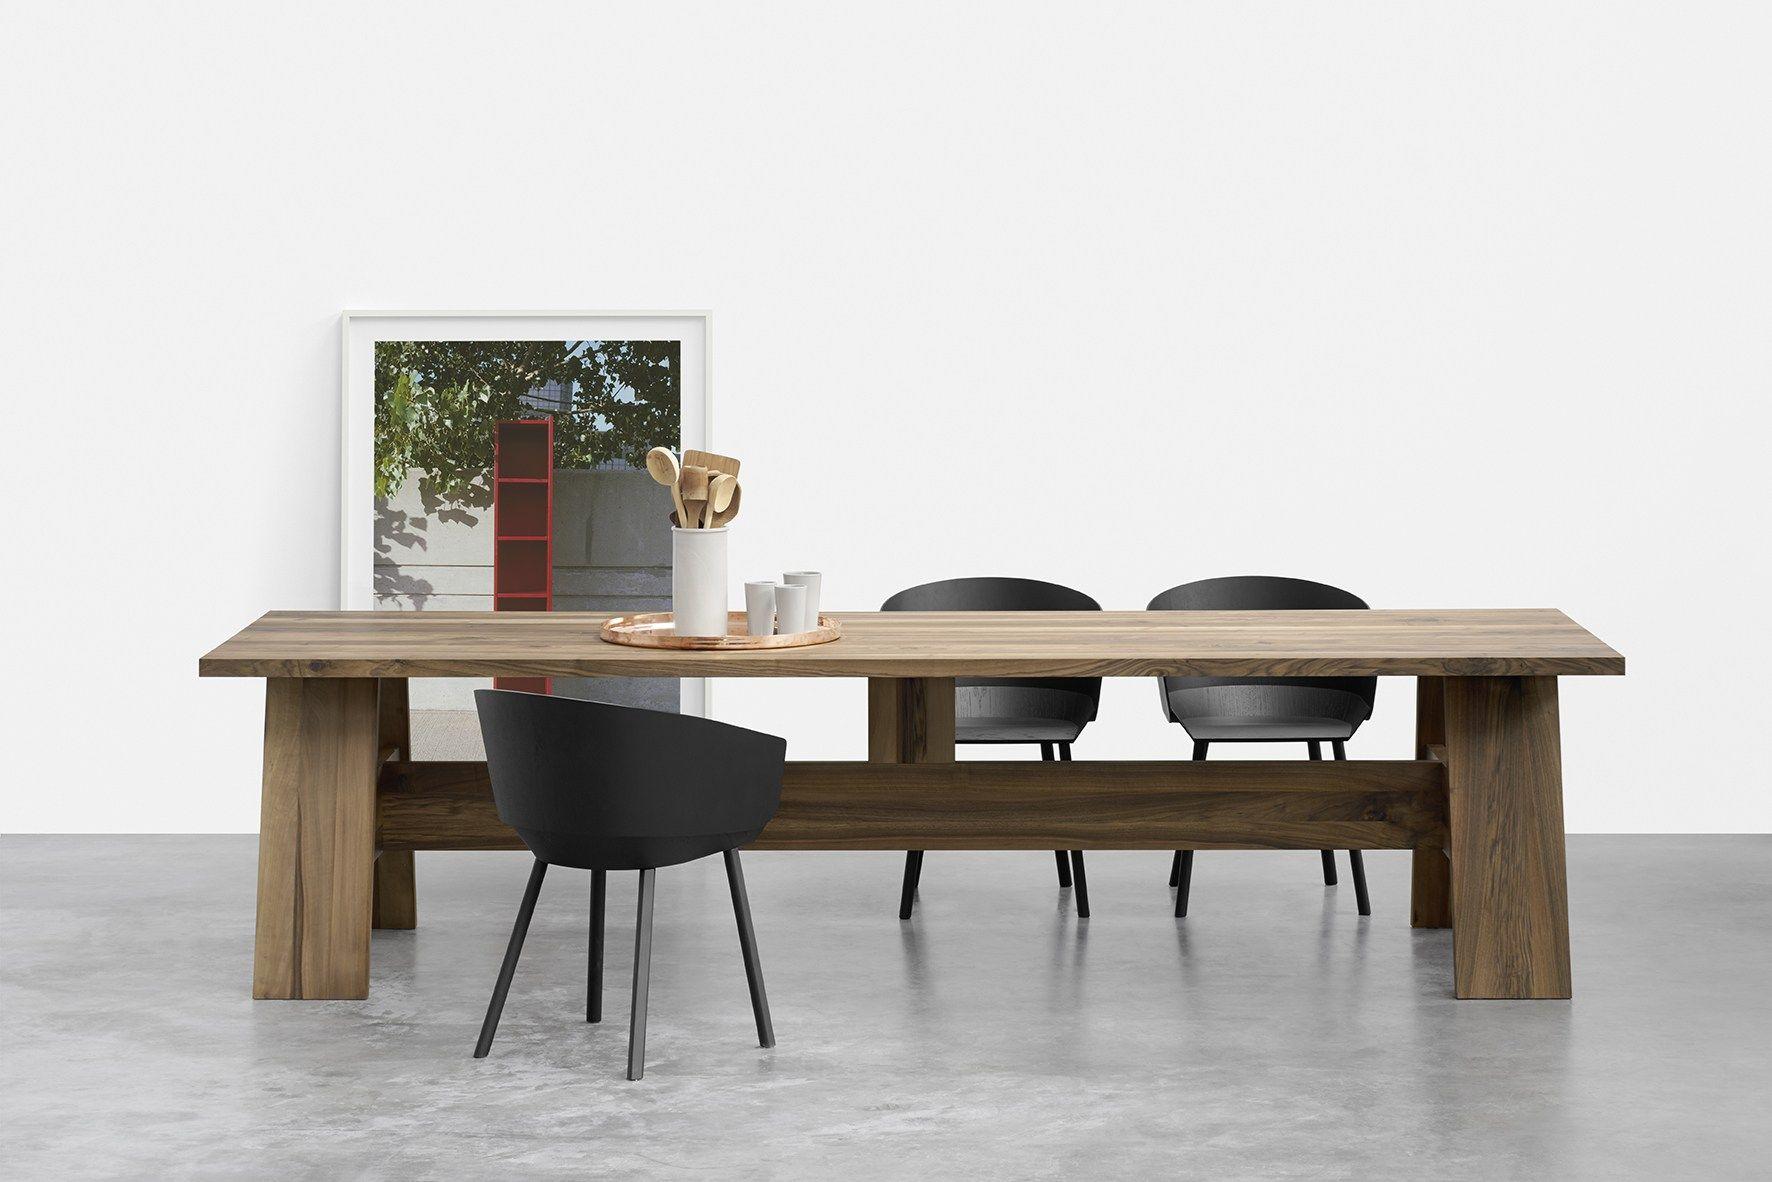 Tavolo rettangolare in legno massello fayland by e15 for Tavolo rettangolare design